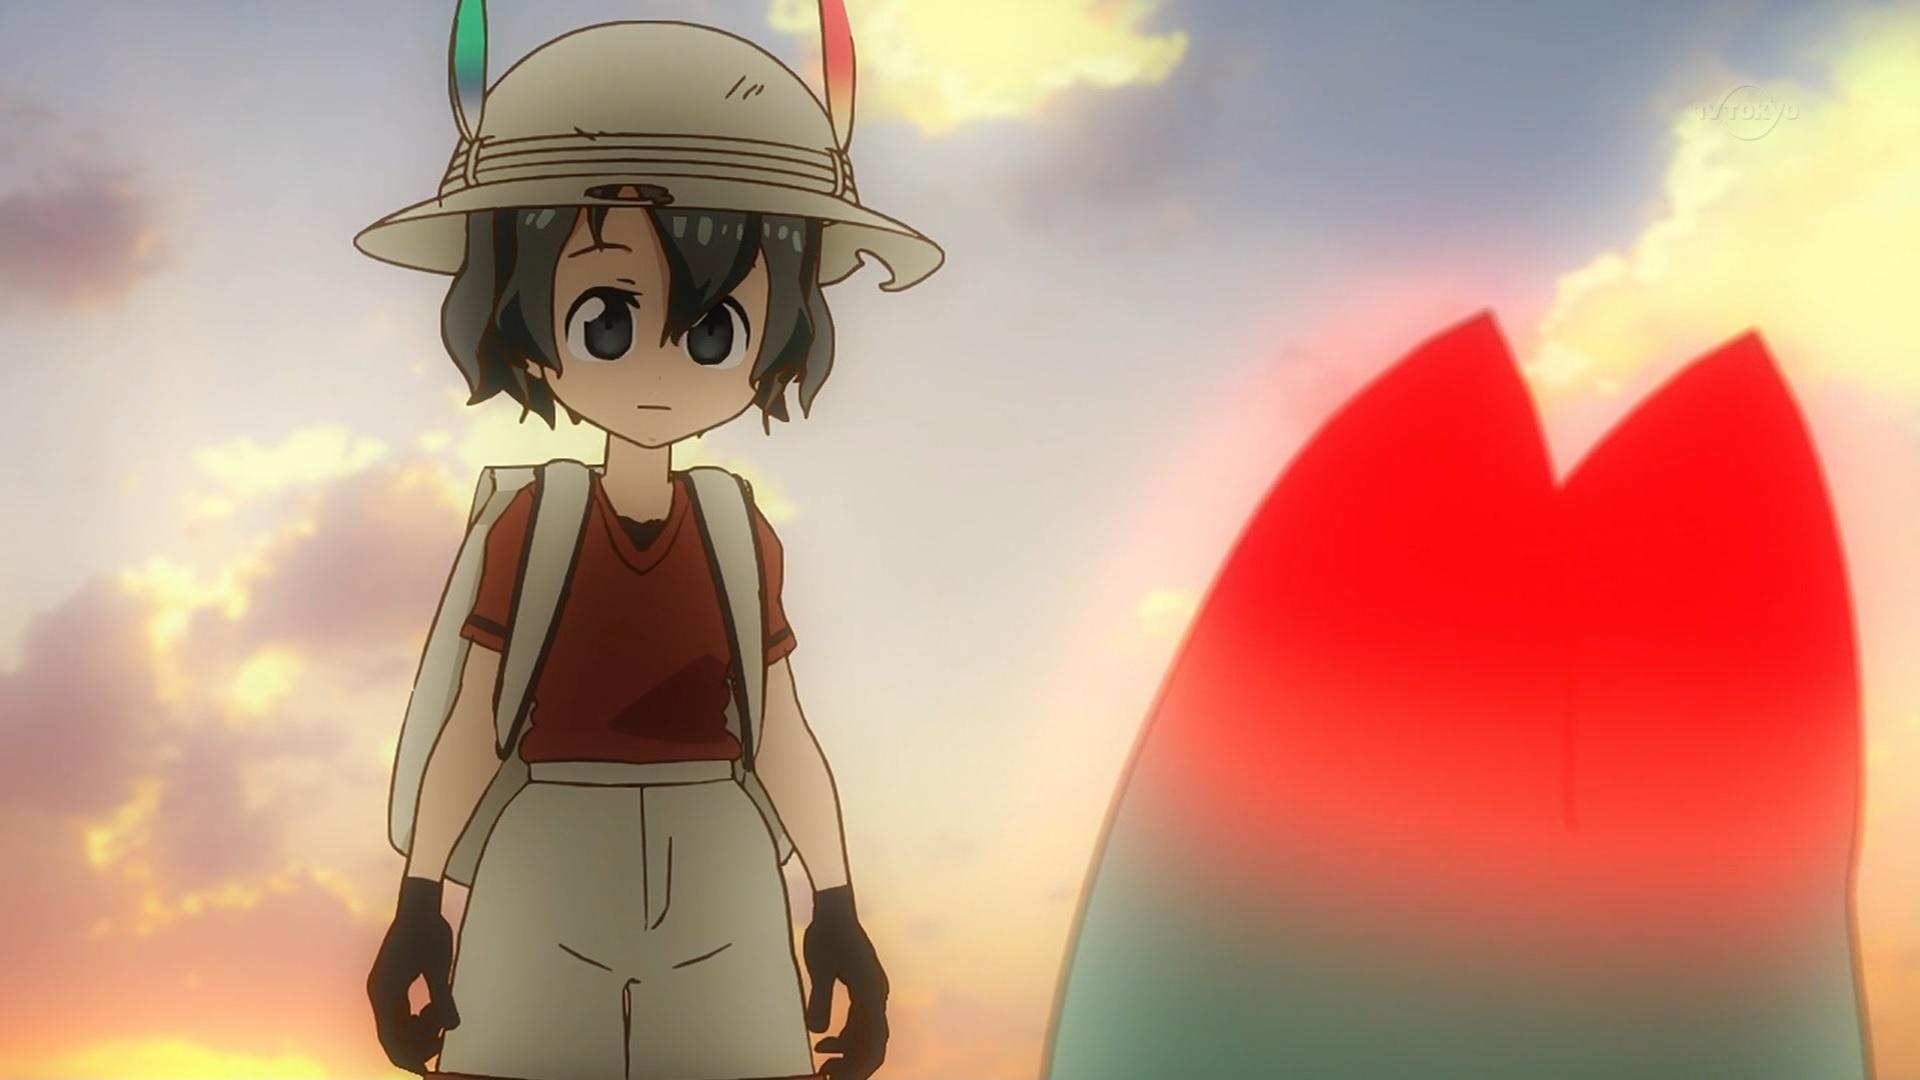 かばんちゃんとラッキービースト(けものフレンズ11話画像)